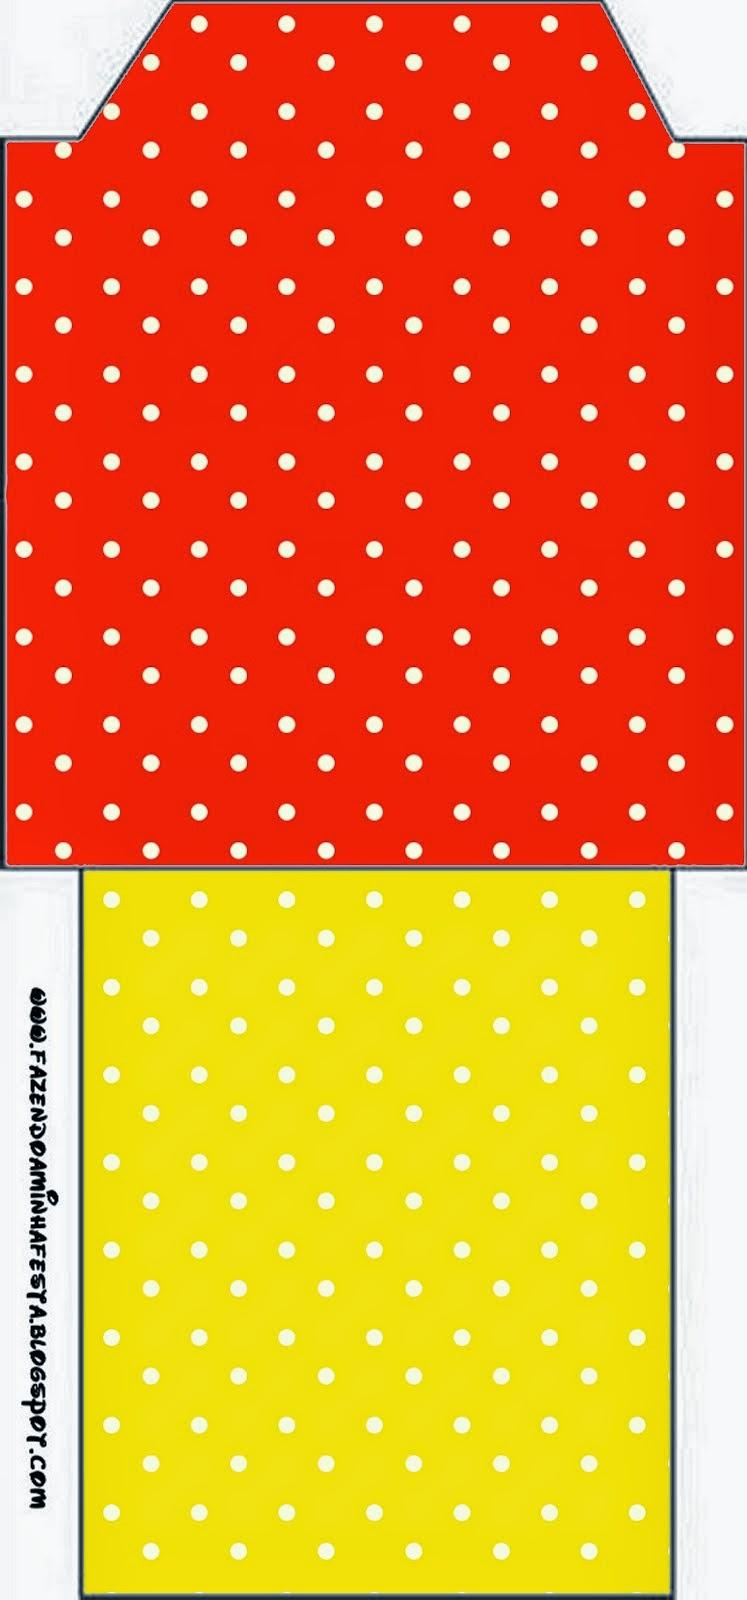 Bolsita de Té para Imprimir Gratis de Rojo, Amarillo y Lunares Blancos.